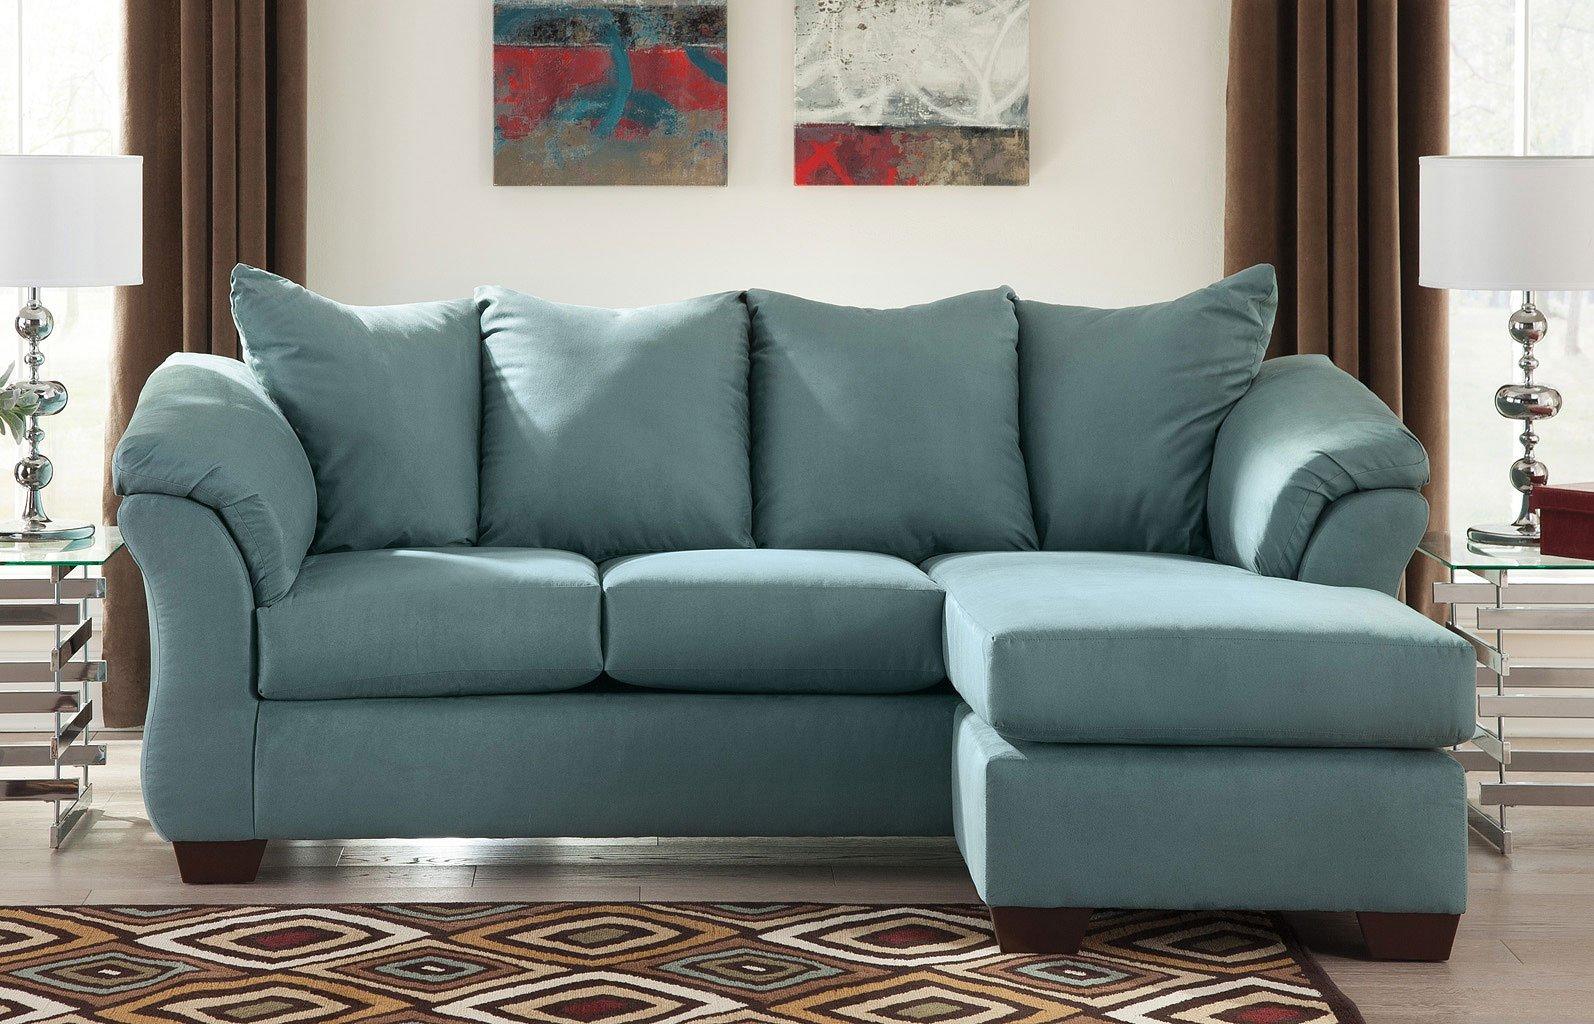 Darcy - Sky Sofa Chaise Living Room Set